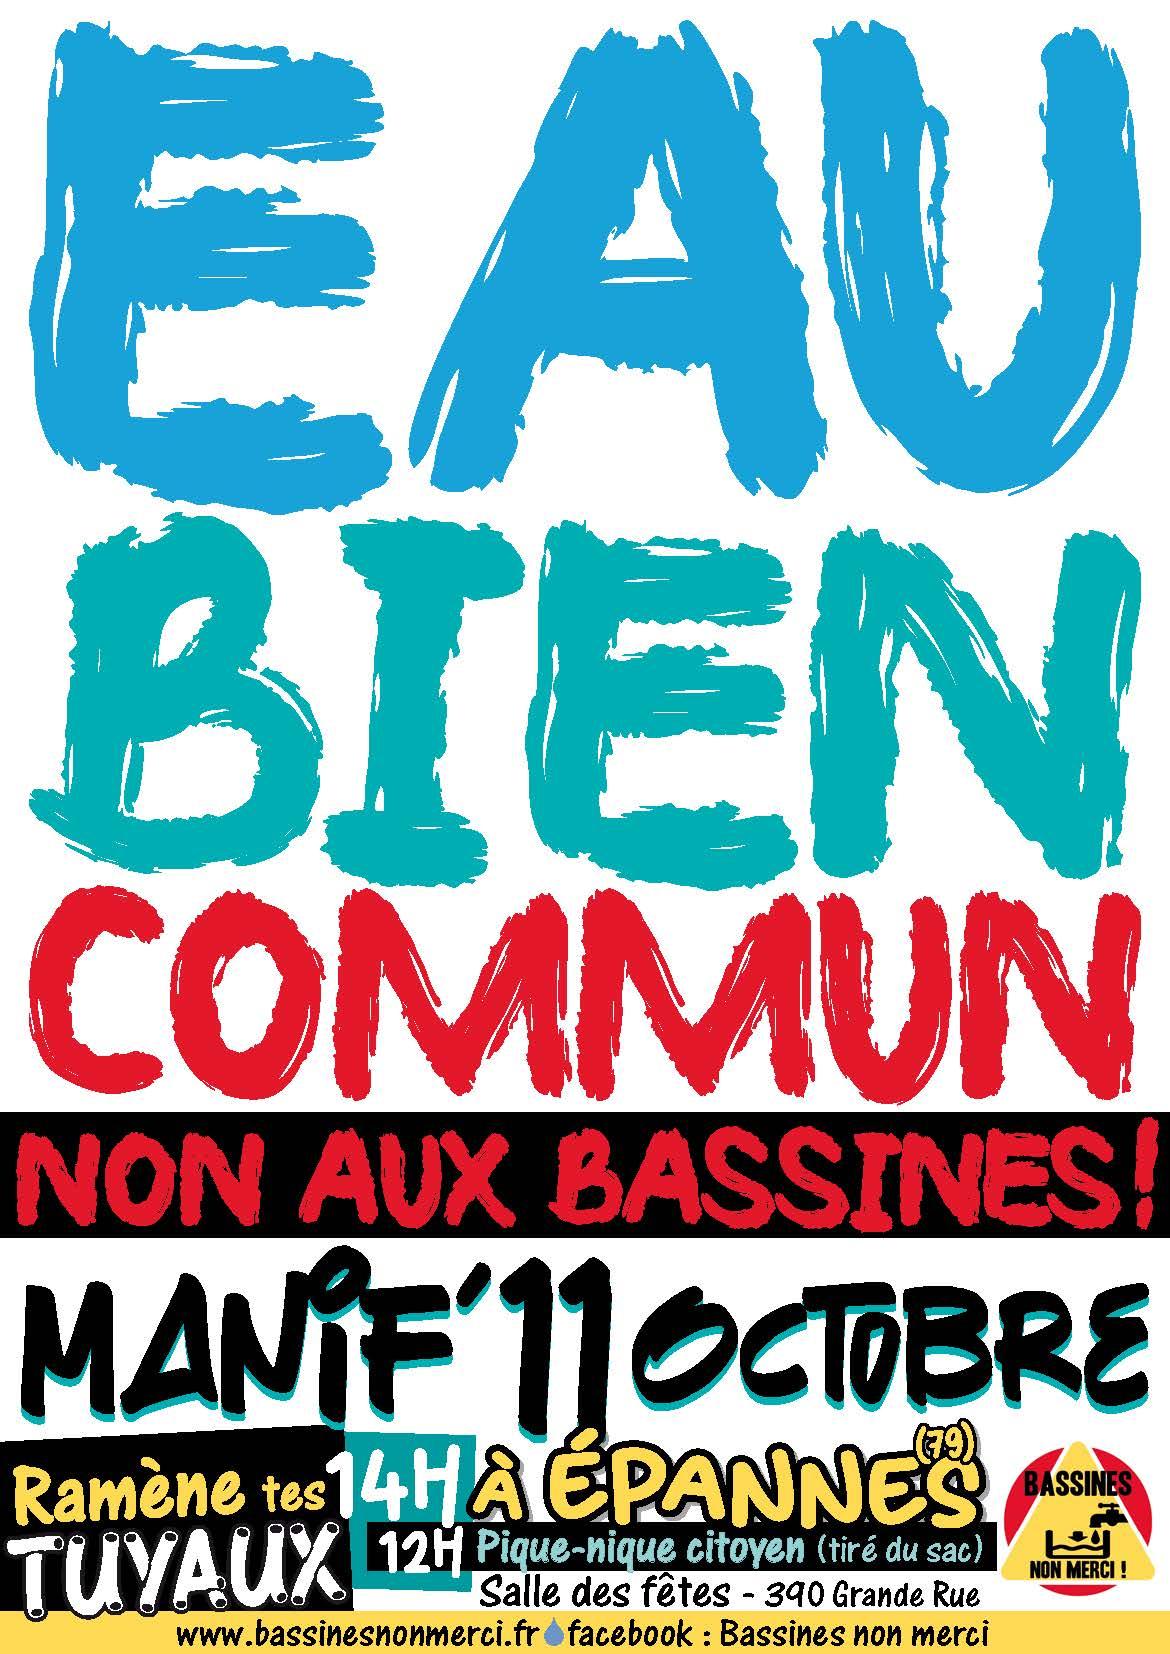 maquette affiche 11 octobre Bassines_Page_1.jpg